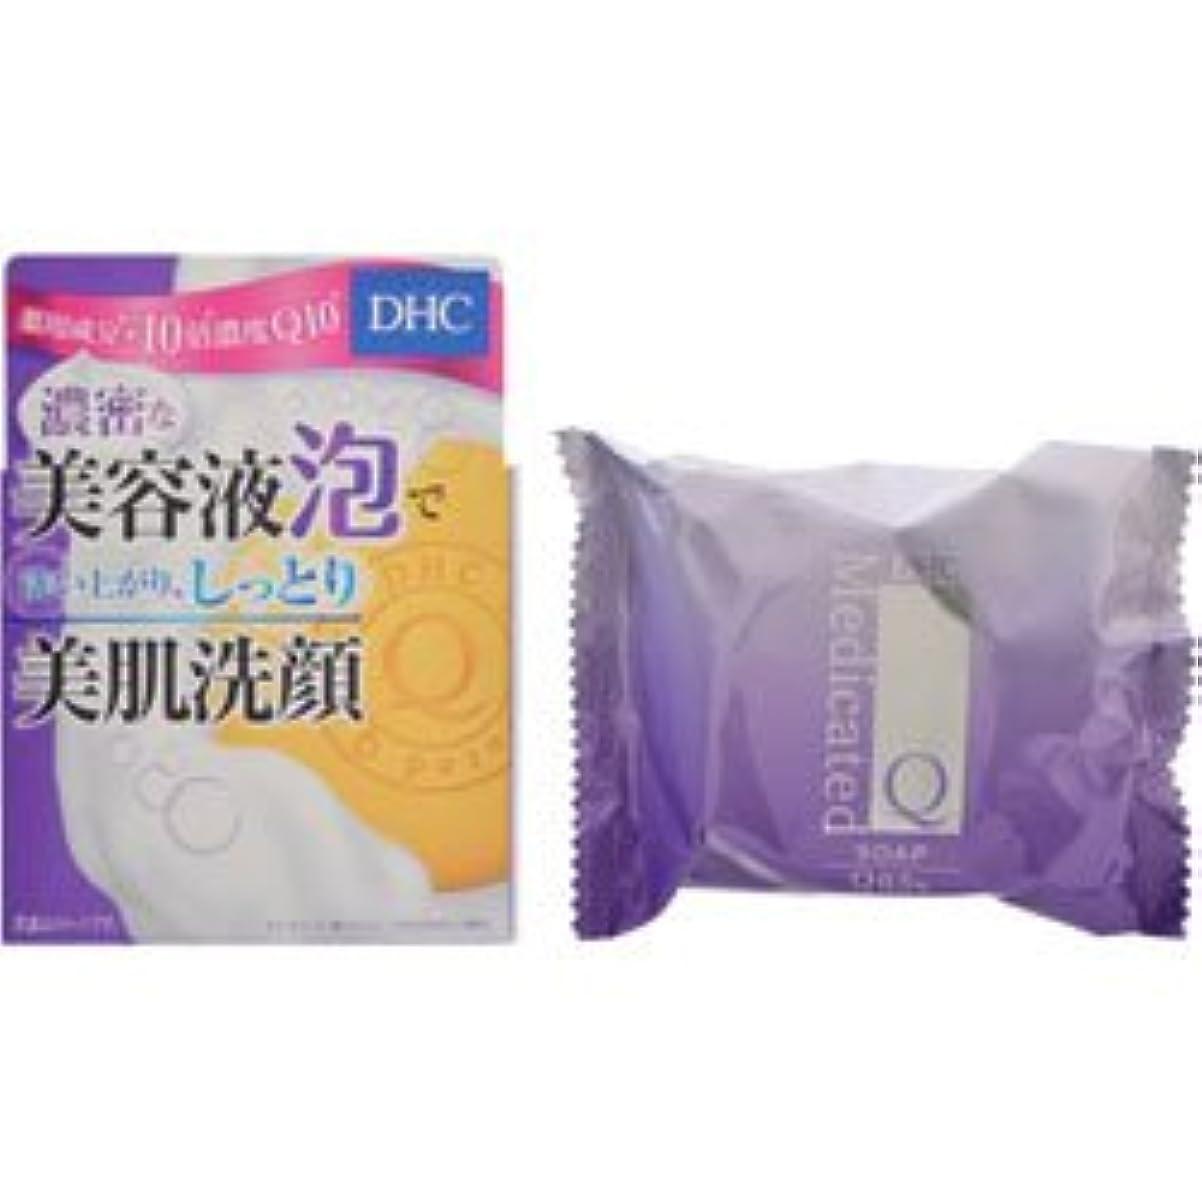 自由アーティファクト賛辞【DHC】DHC 薬用Qソープ SS 60g ×10個セット